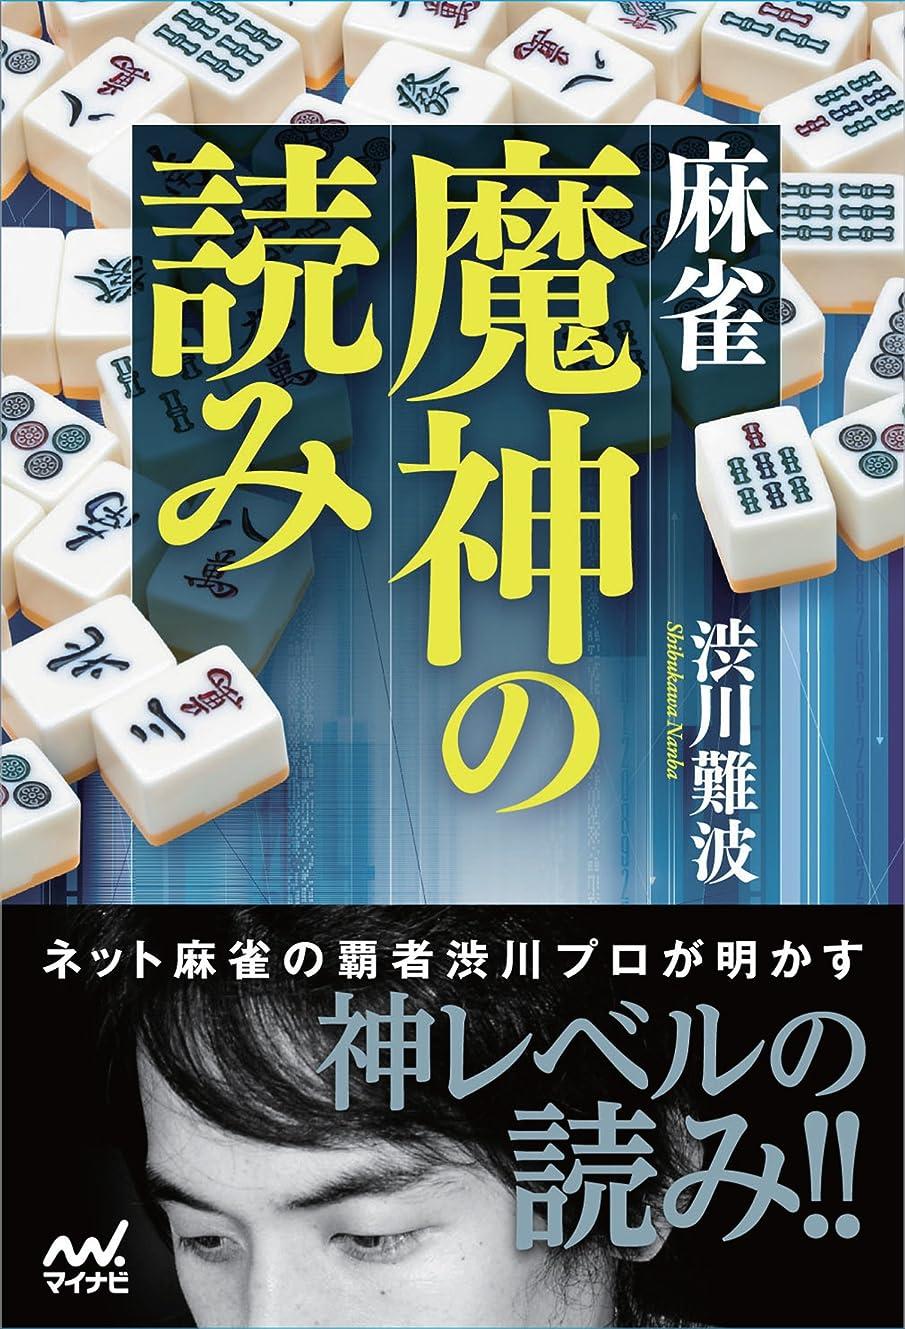 ディプロマ持参証拠麻雀 魔神の読み (マイナビ麻雀BOOKS)